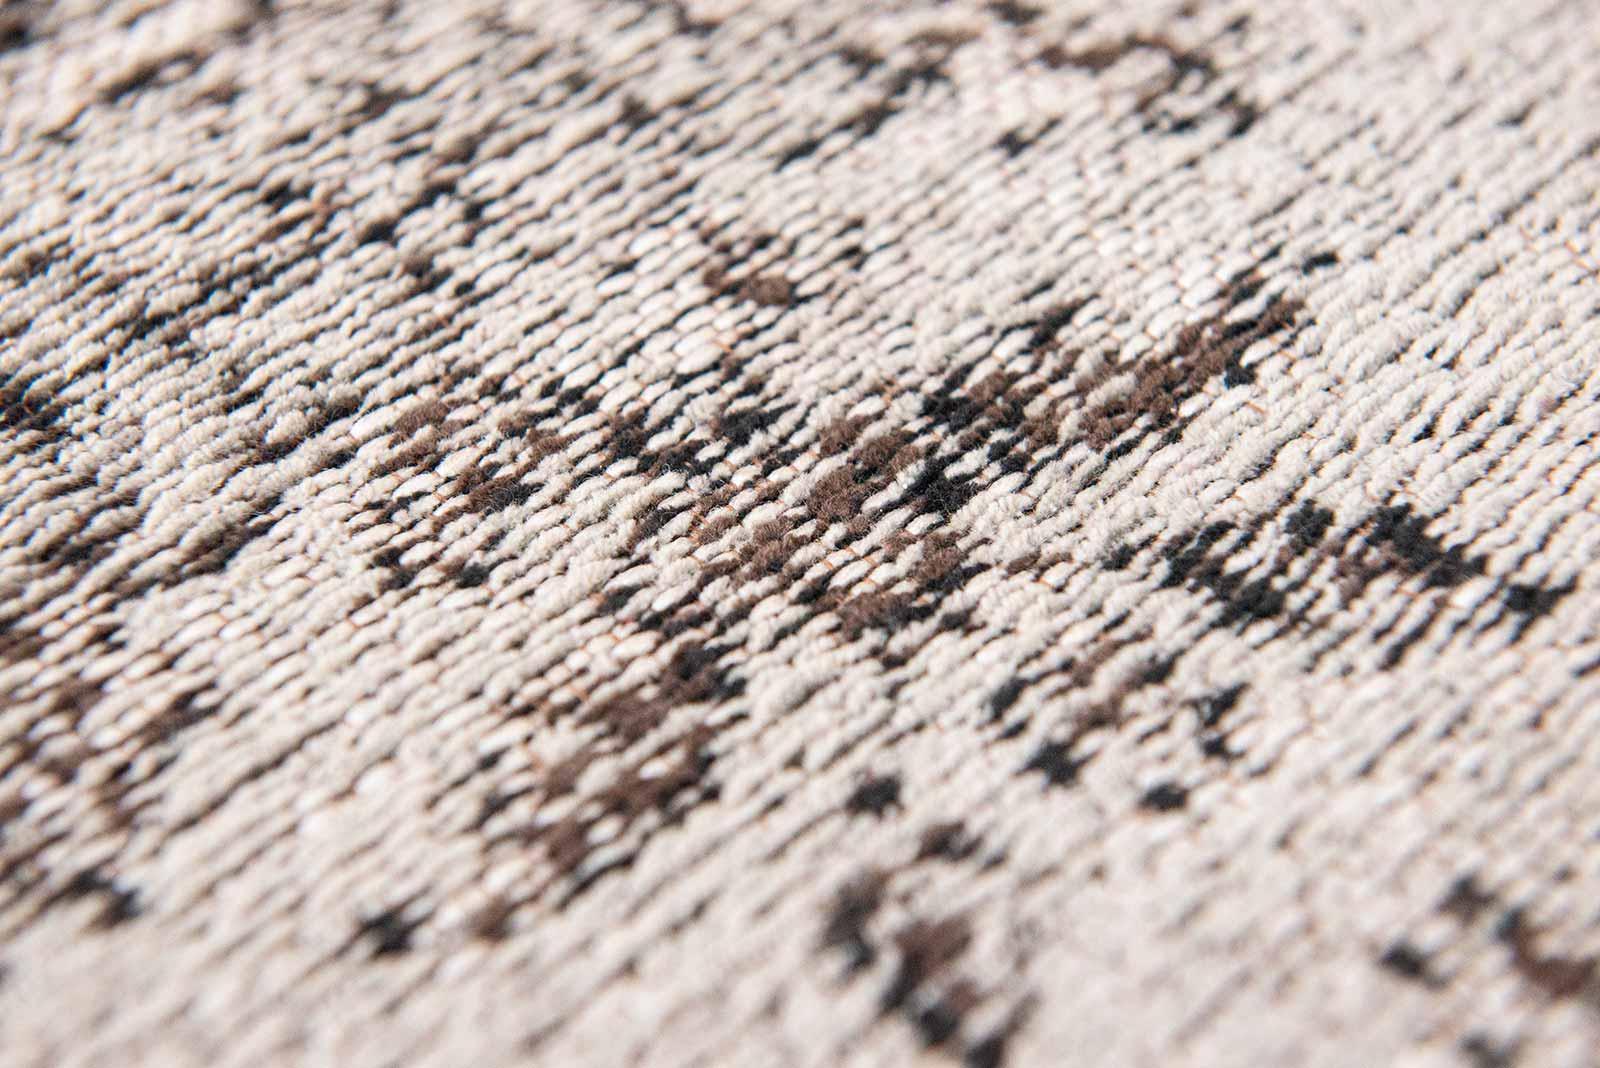 Louis De Poortere teppich LX 9107 Palazzo Da Mosta Contarini White zoom 2